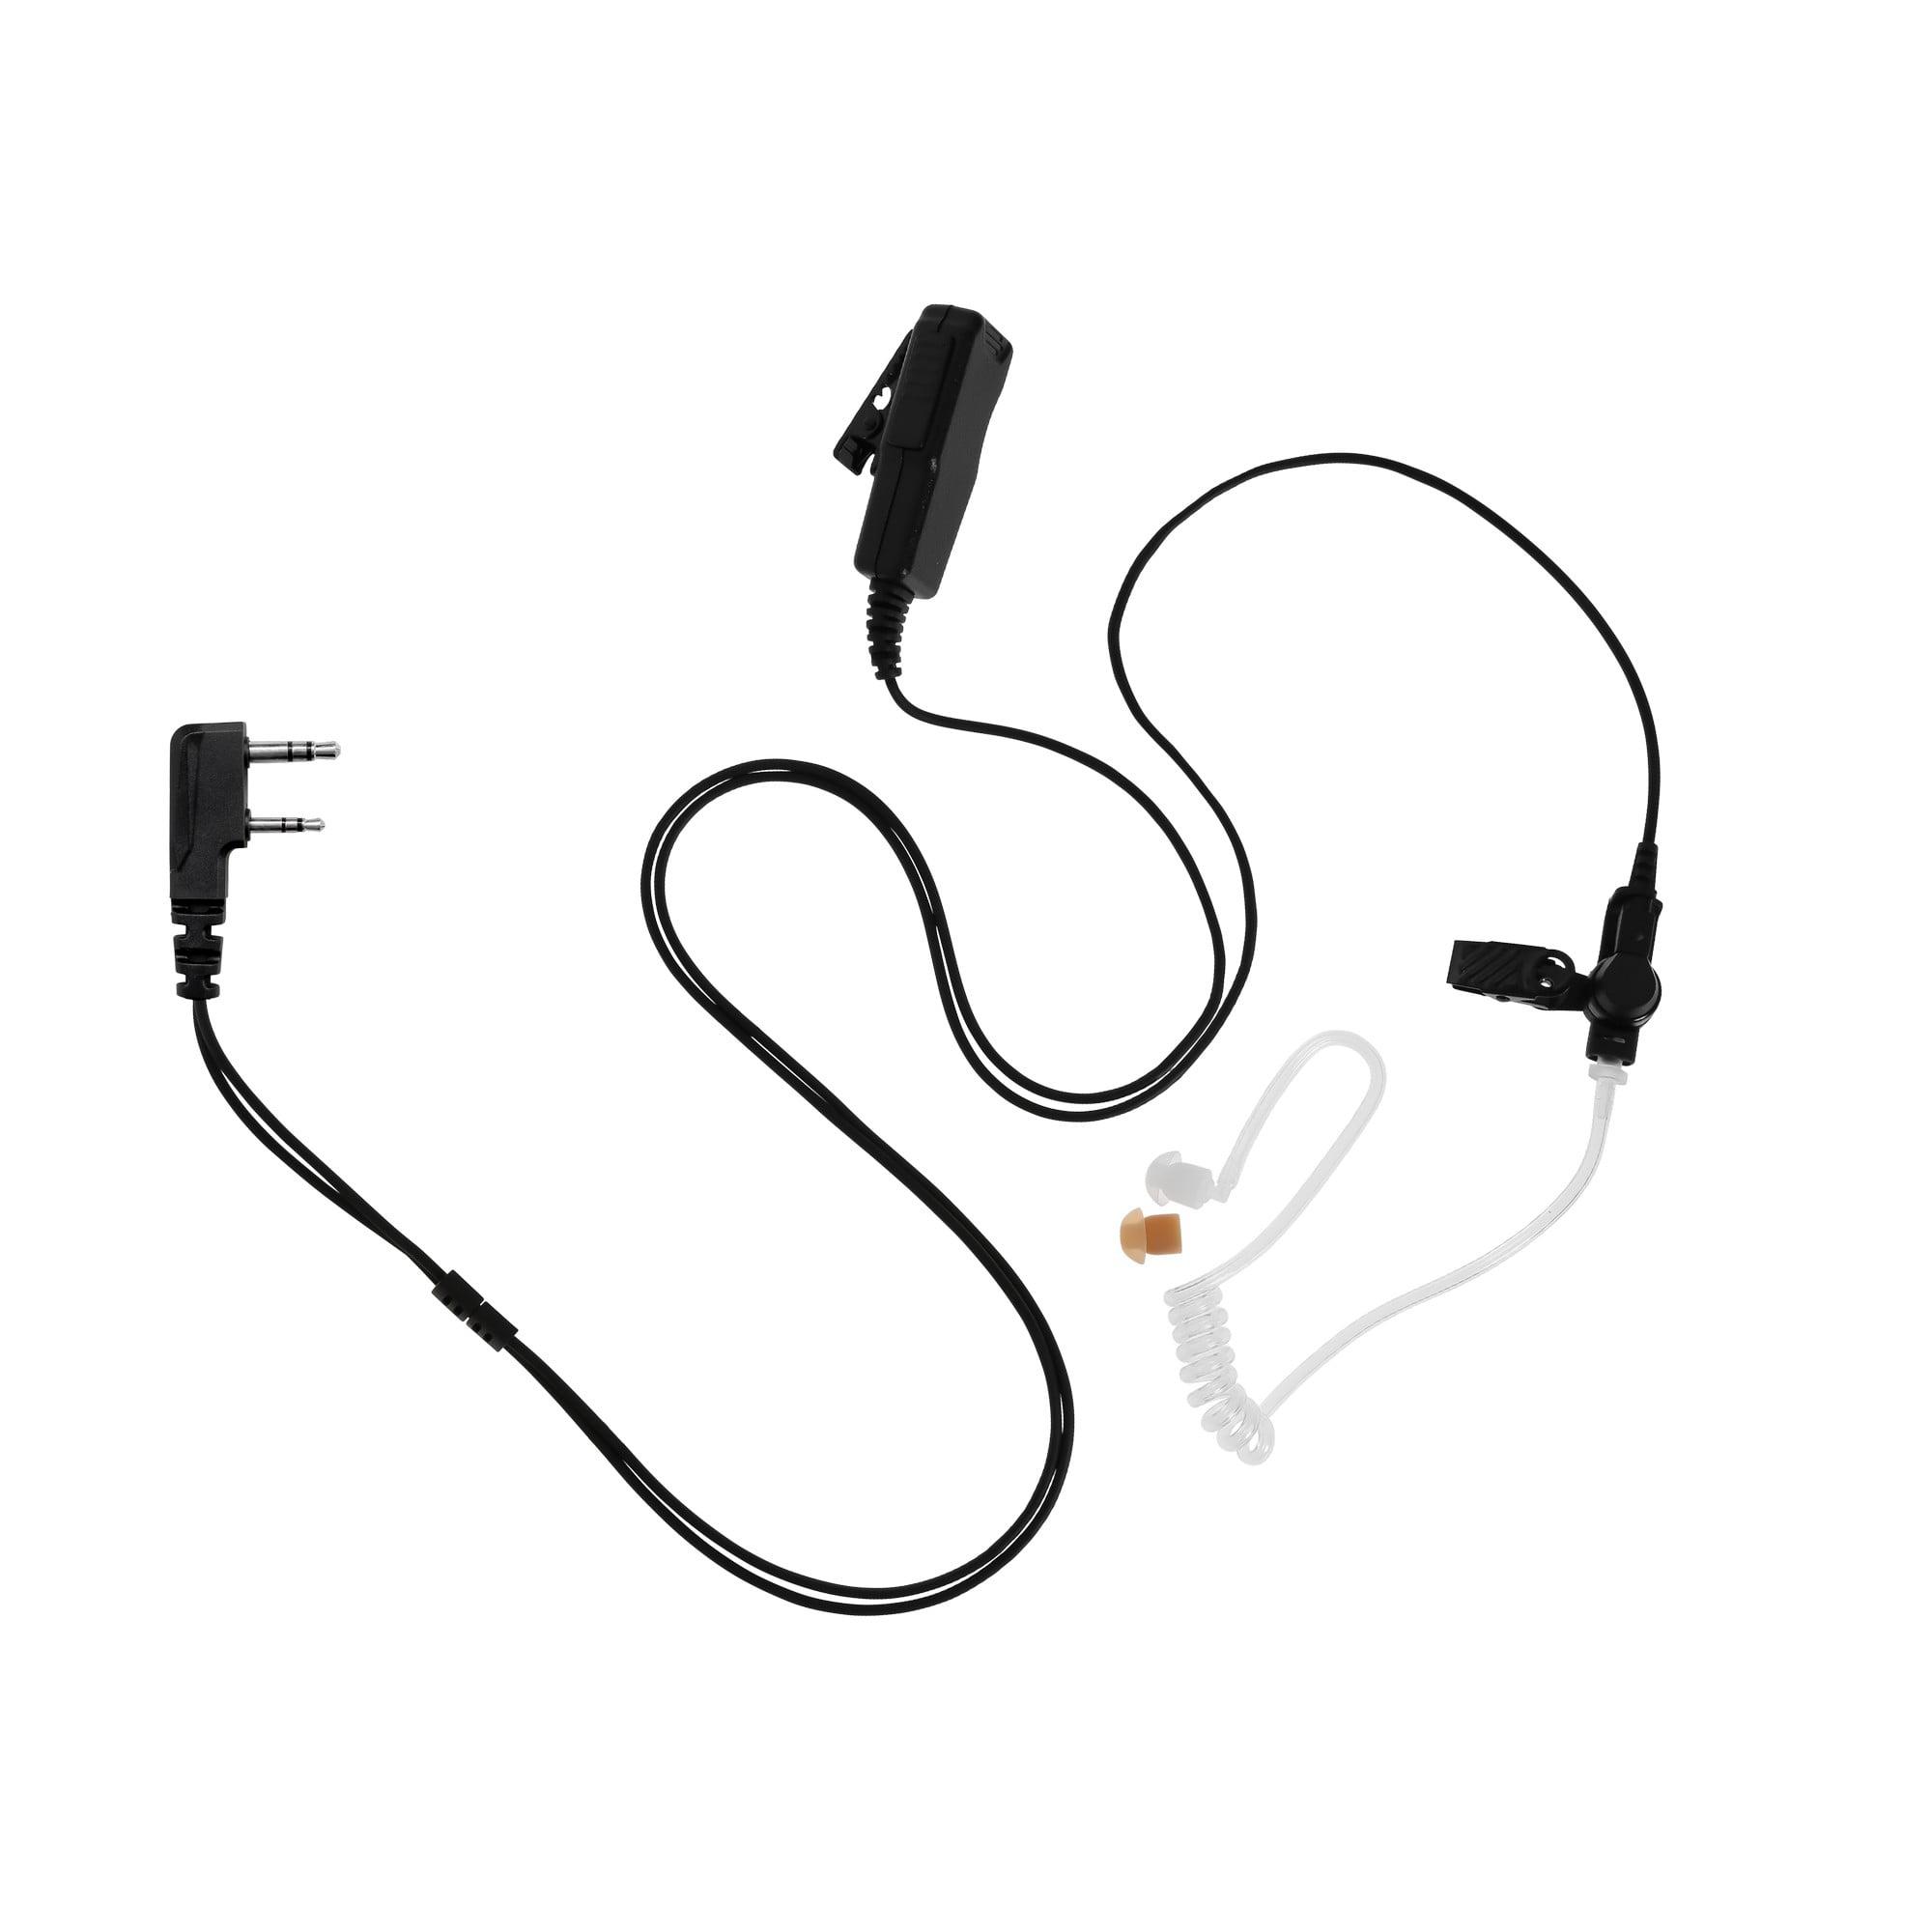 Maxtop ASK4032-K2C 2-Wire Acoustic Ear Tube Surveillance Kit for Puxing PX-777 Linton LT-2260 Quansheng TG-6A